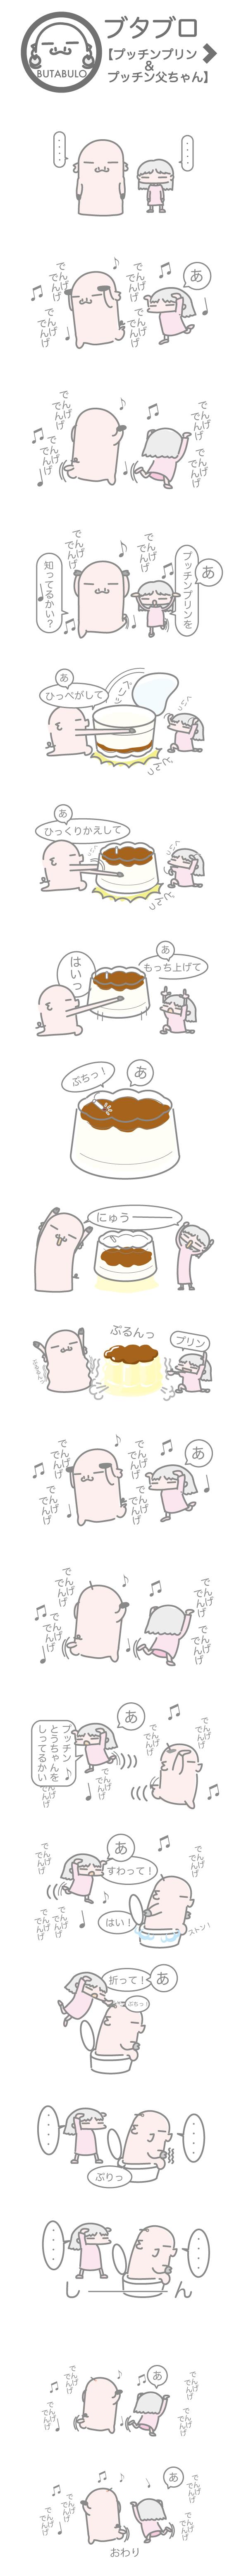 ネタ21ブログ